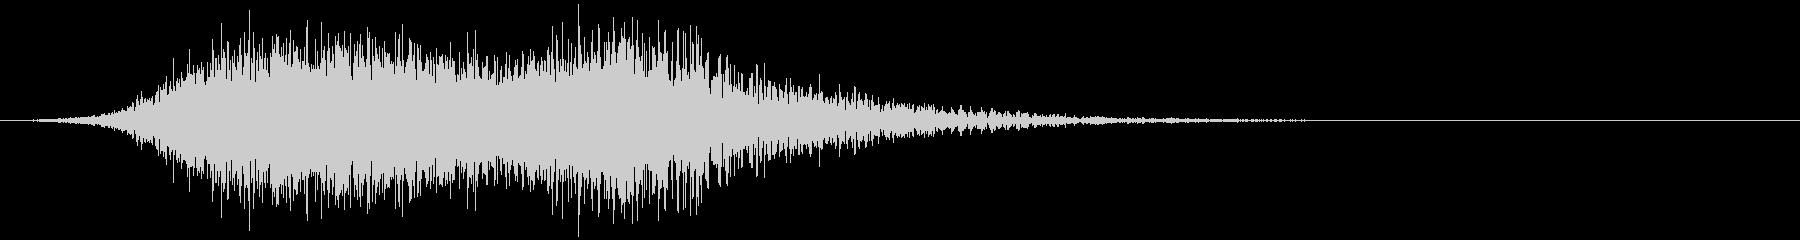 音楽:不気味な低ブラススティンガー...の未再生の波形